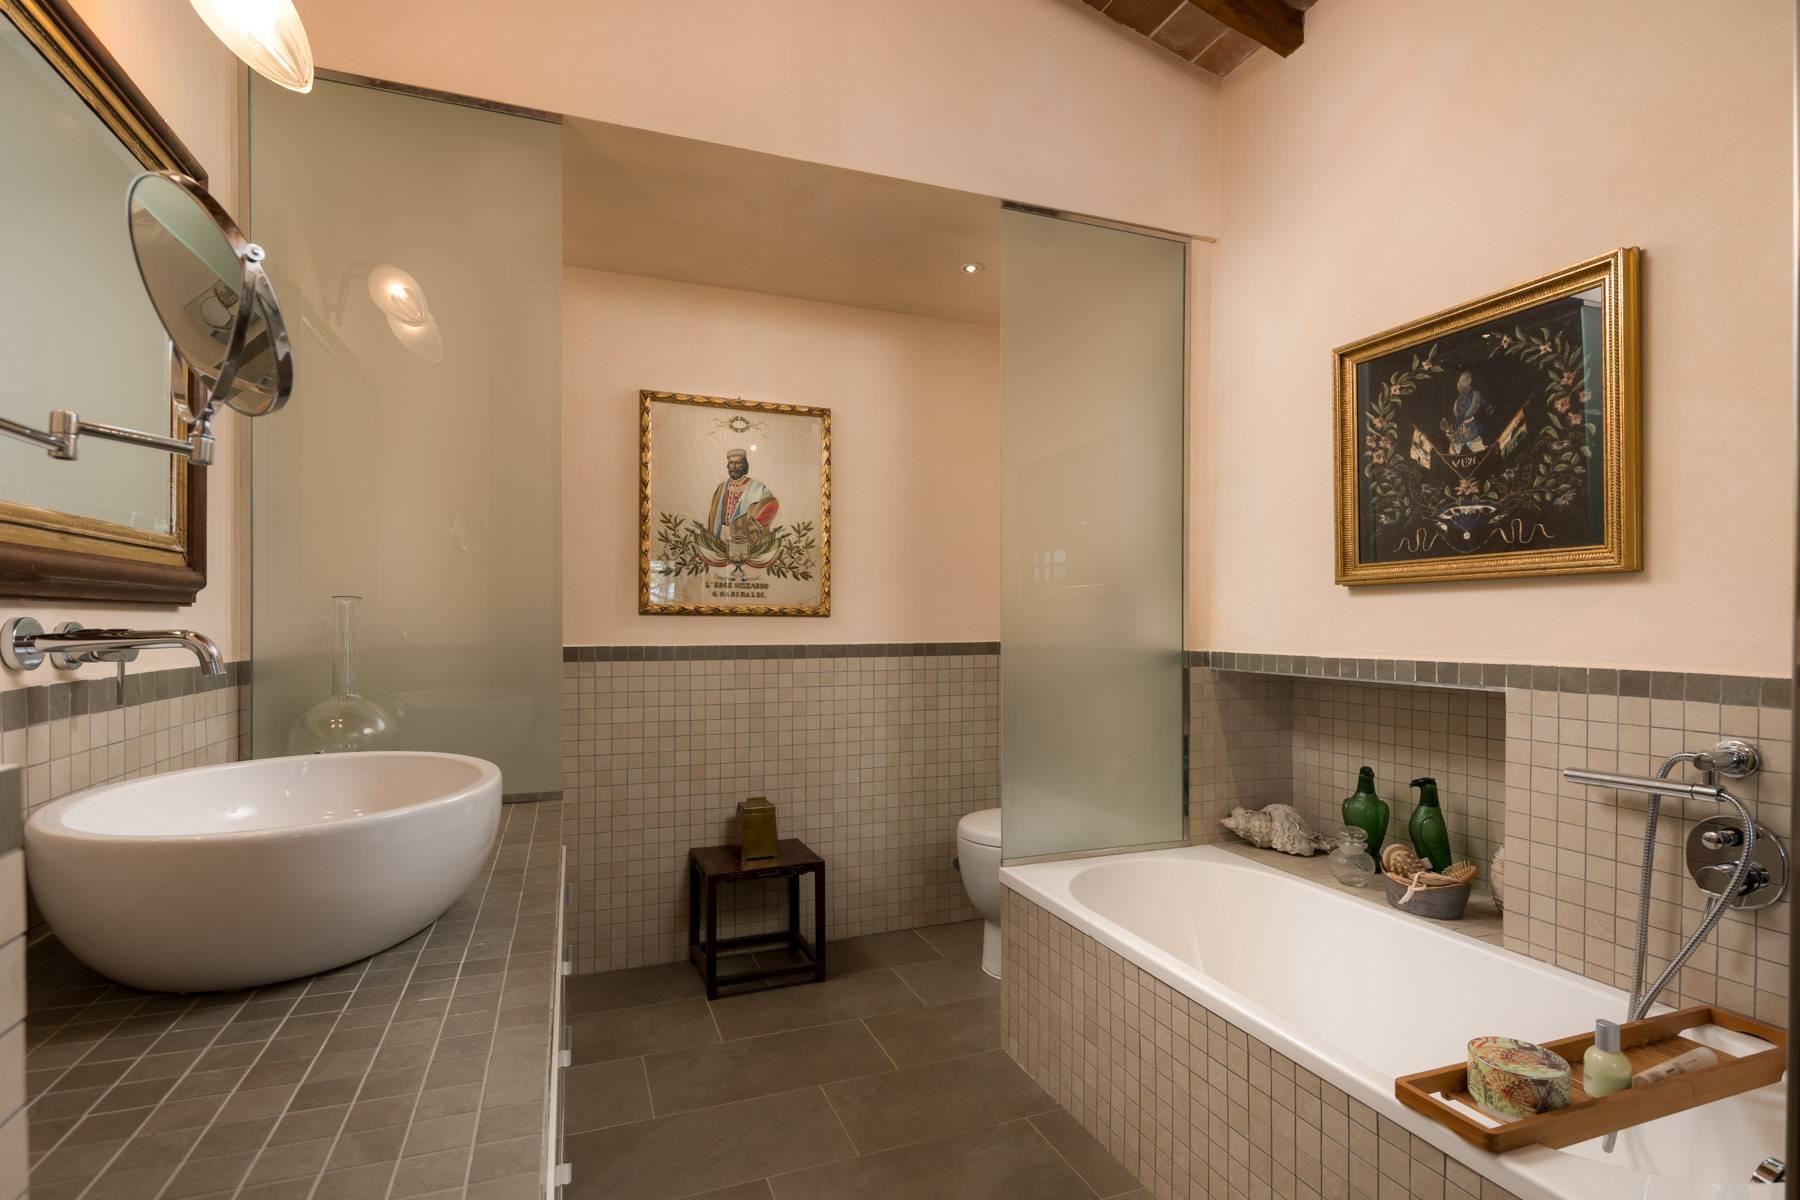 Casale di lusso con sistema geotermico a Città della Pieve - 12